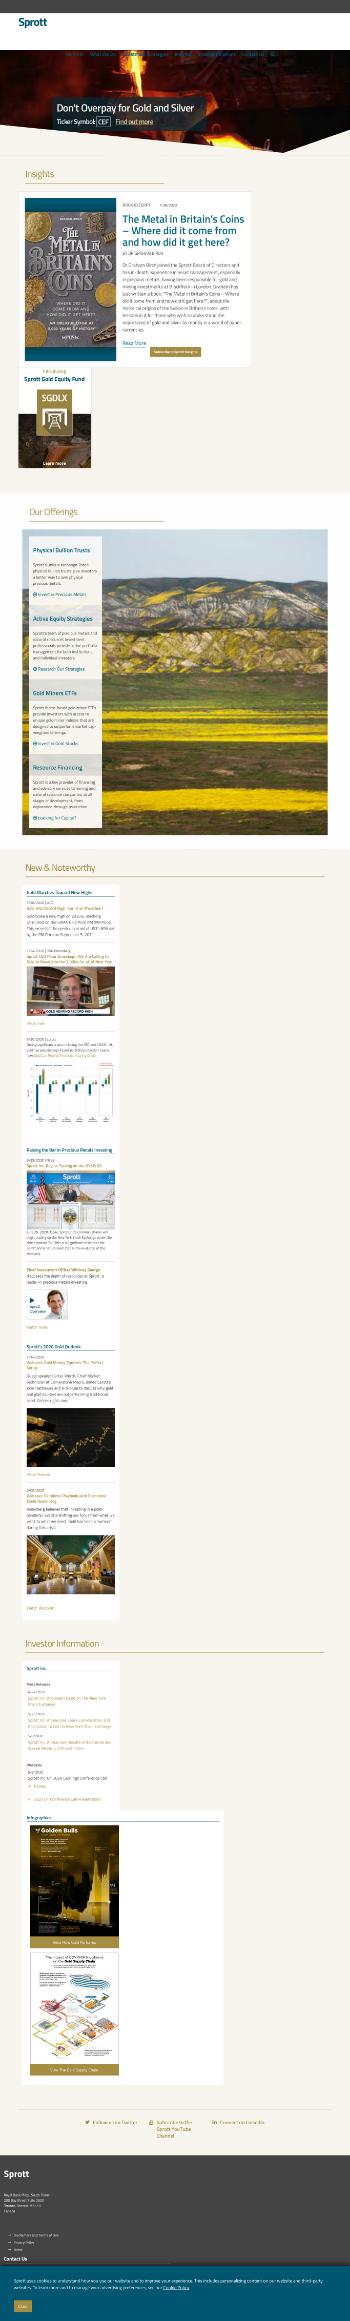 Sprott Physical Gold Trust Website Screenshot